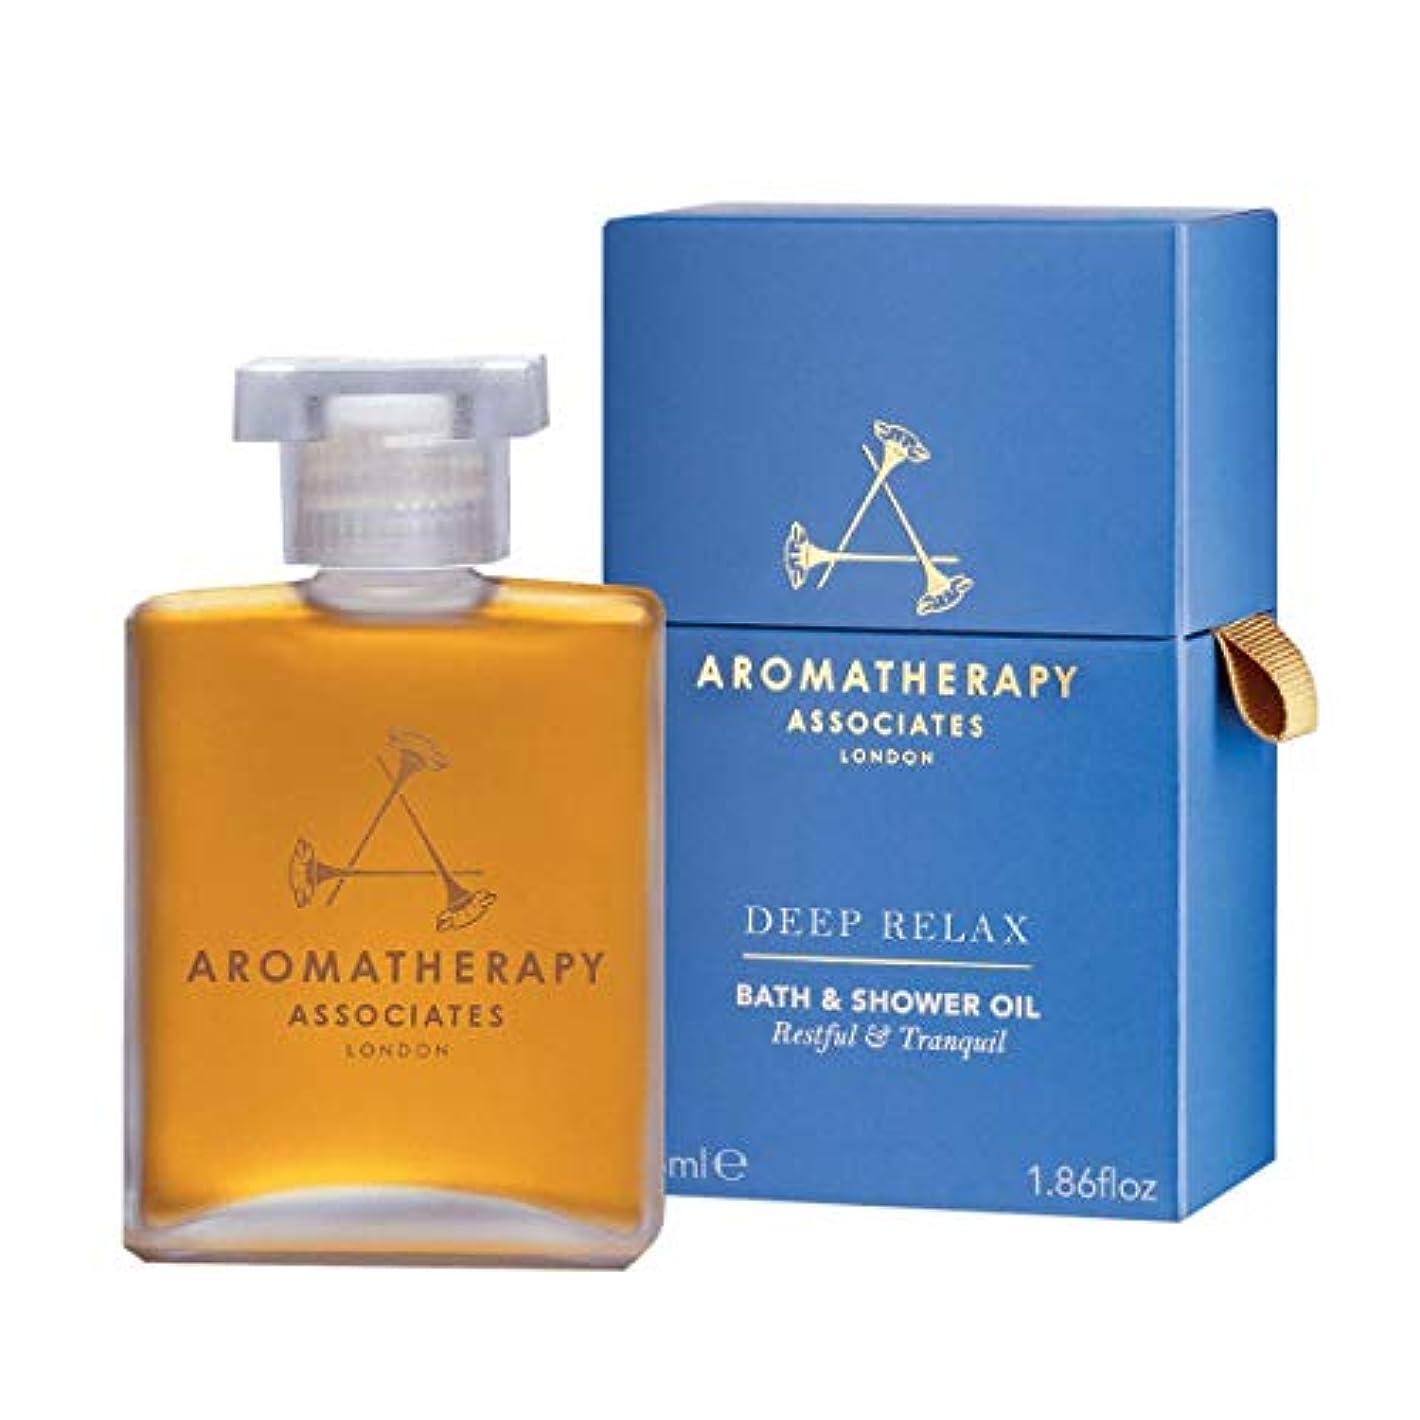 アロマセラピー アソシエイツ(Aromatherapy Associates) ディープリラックス バスアンドシャワーオイル 55ml [海外直送品] [並行輸入品]